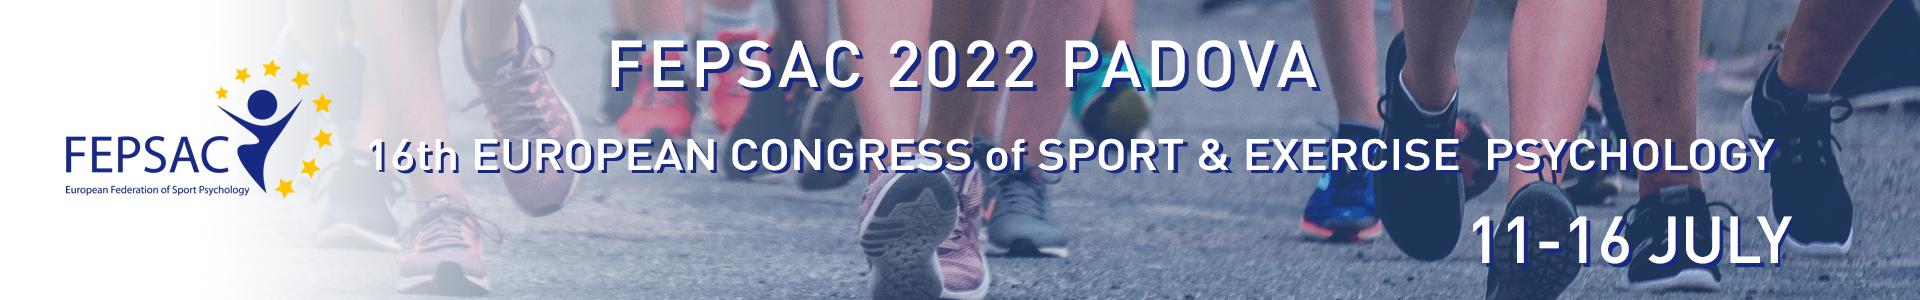 FEPSAC 2022 Padova